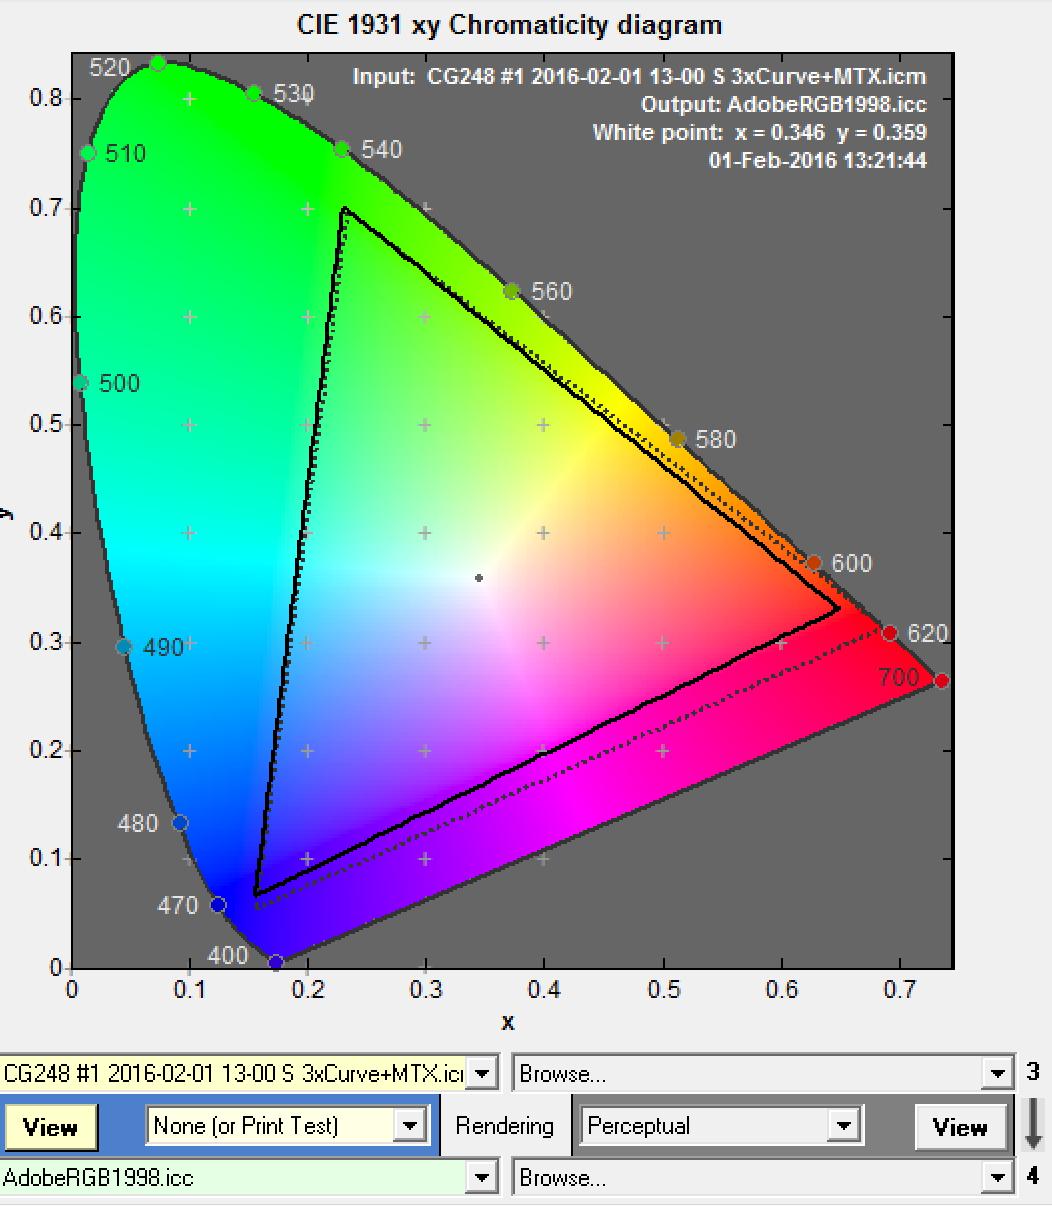 gamut cg248 rispetto al Adobergb (2d)